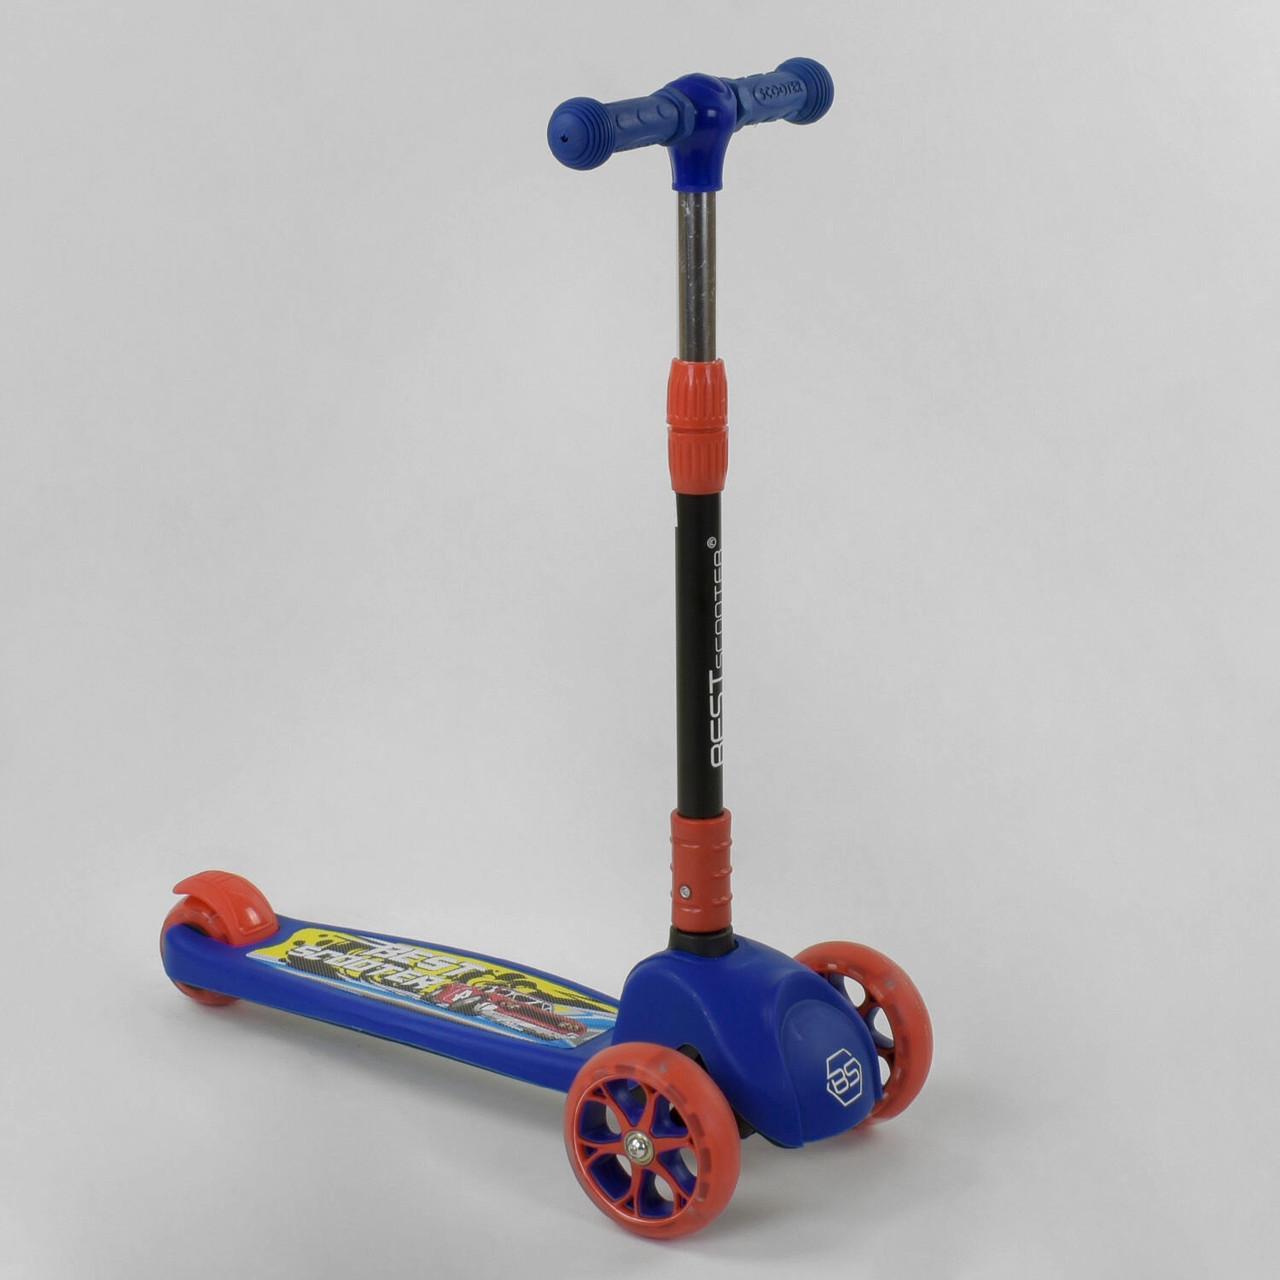 Детский трехколесный самокат со светящимися колесами и складной ручкой Best Scooter 27043 Синий с оранжевым